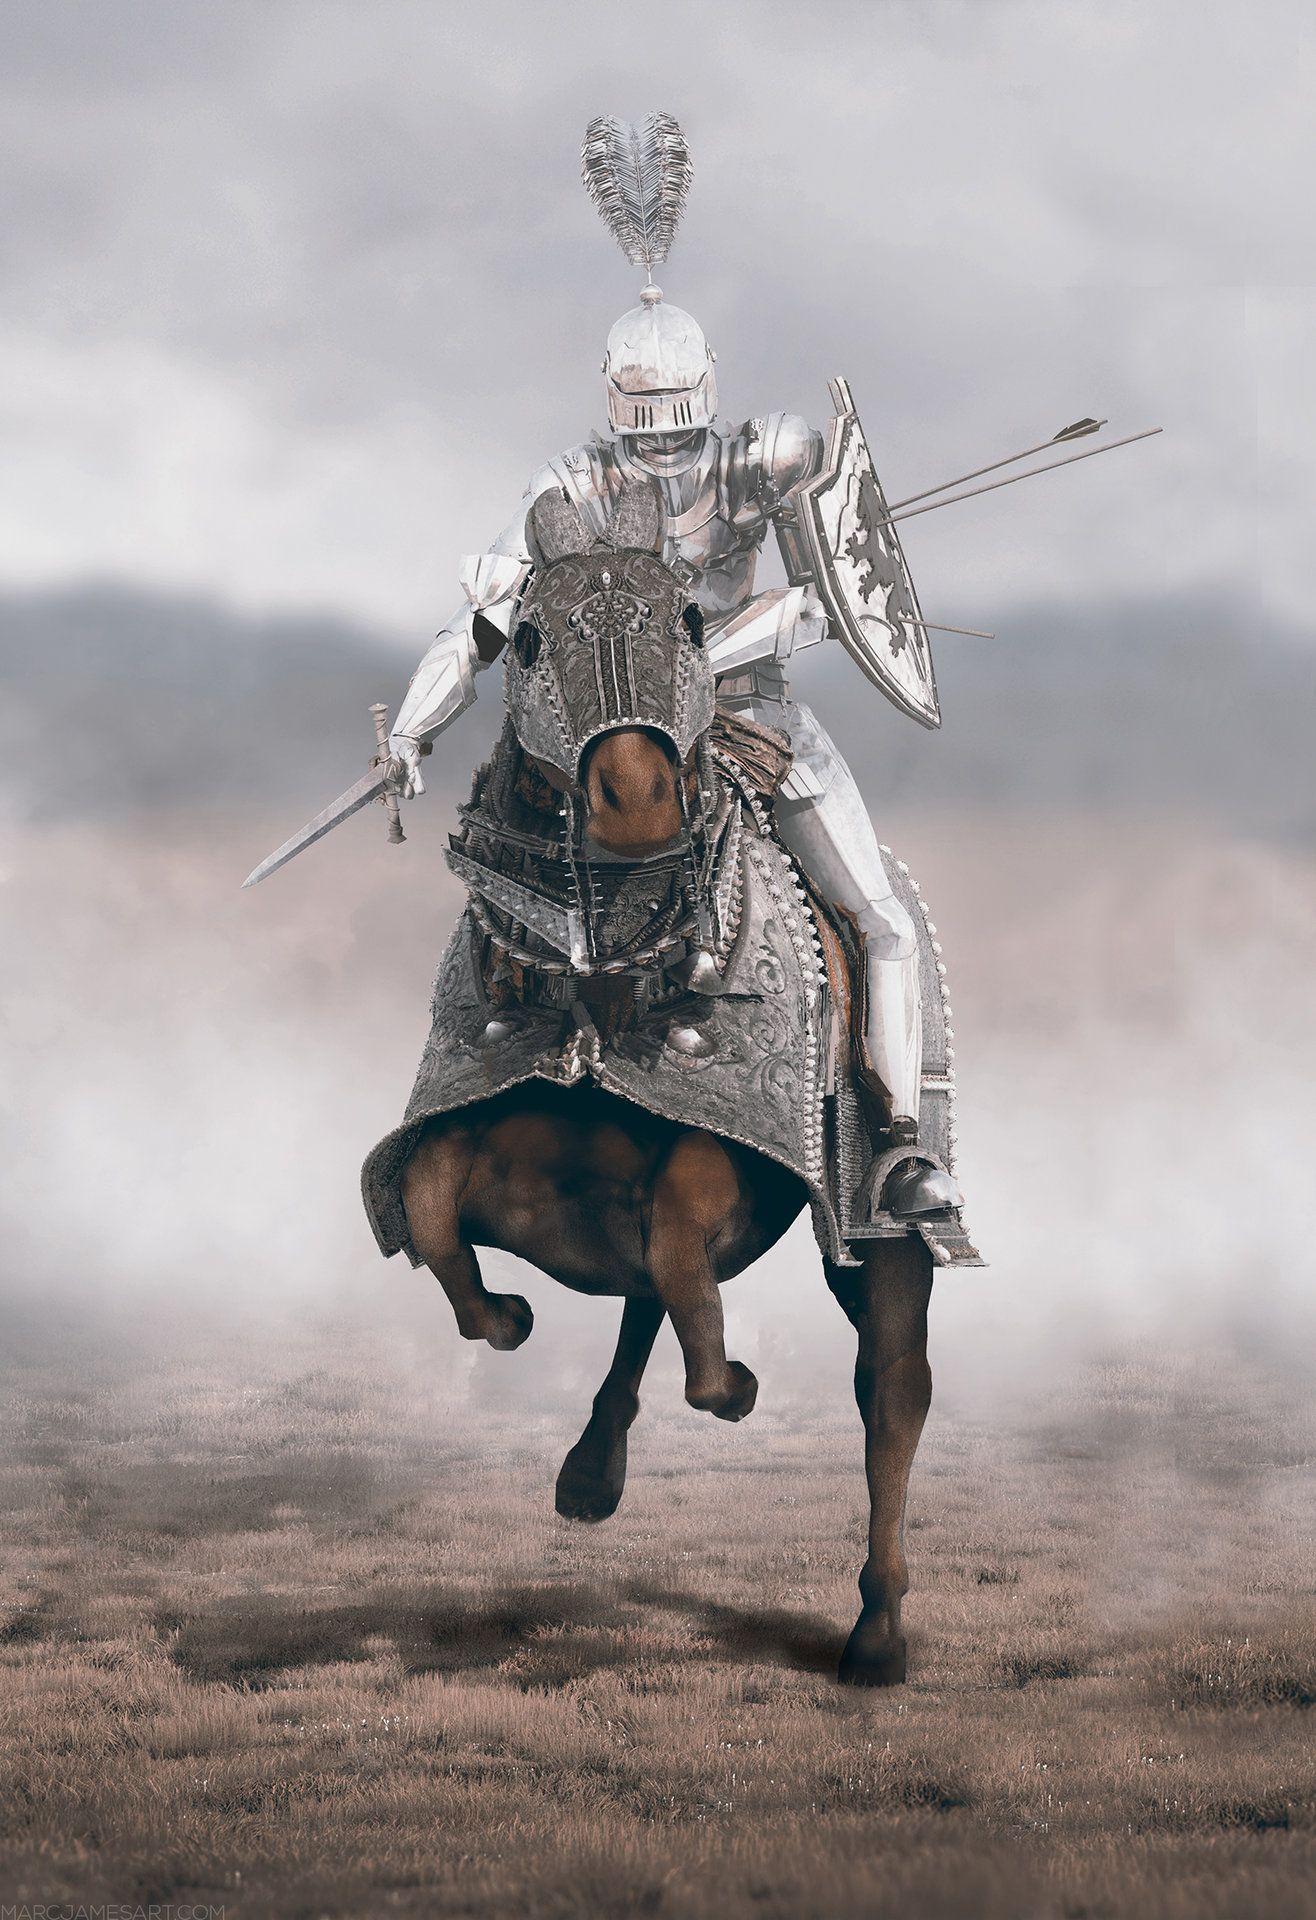 ArtStation - White Knight, Marc James | Knight, Knight art ...